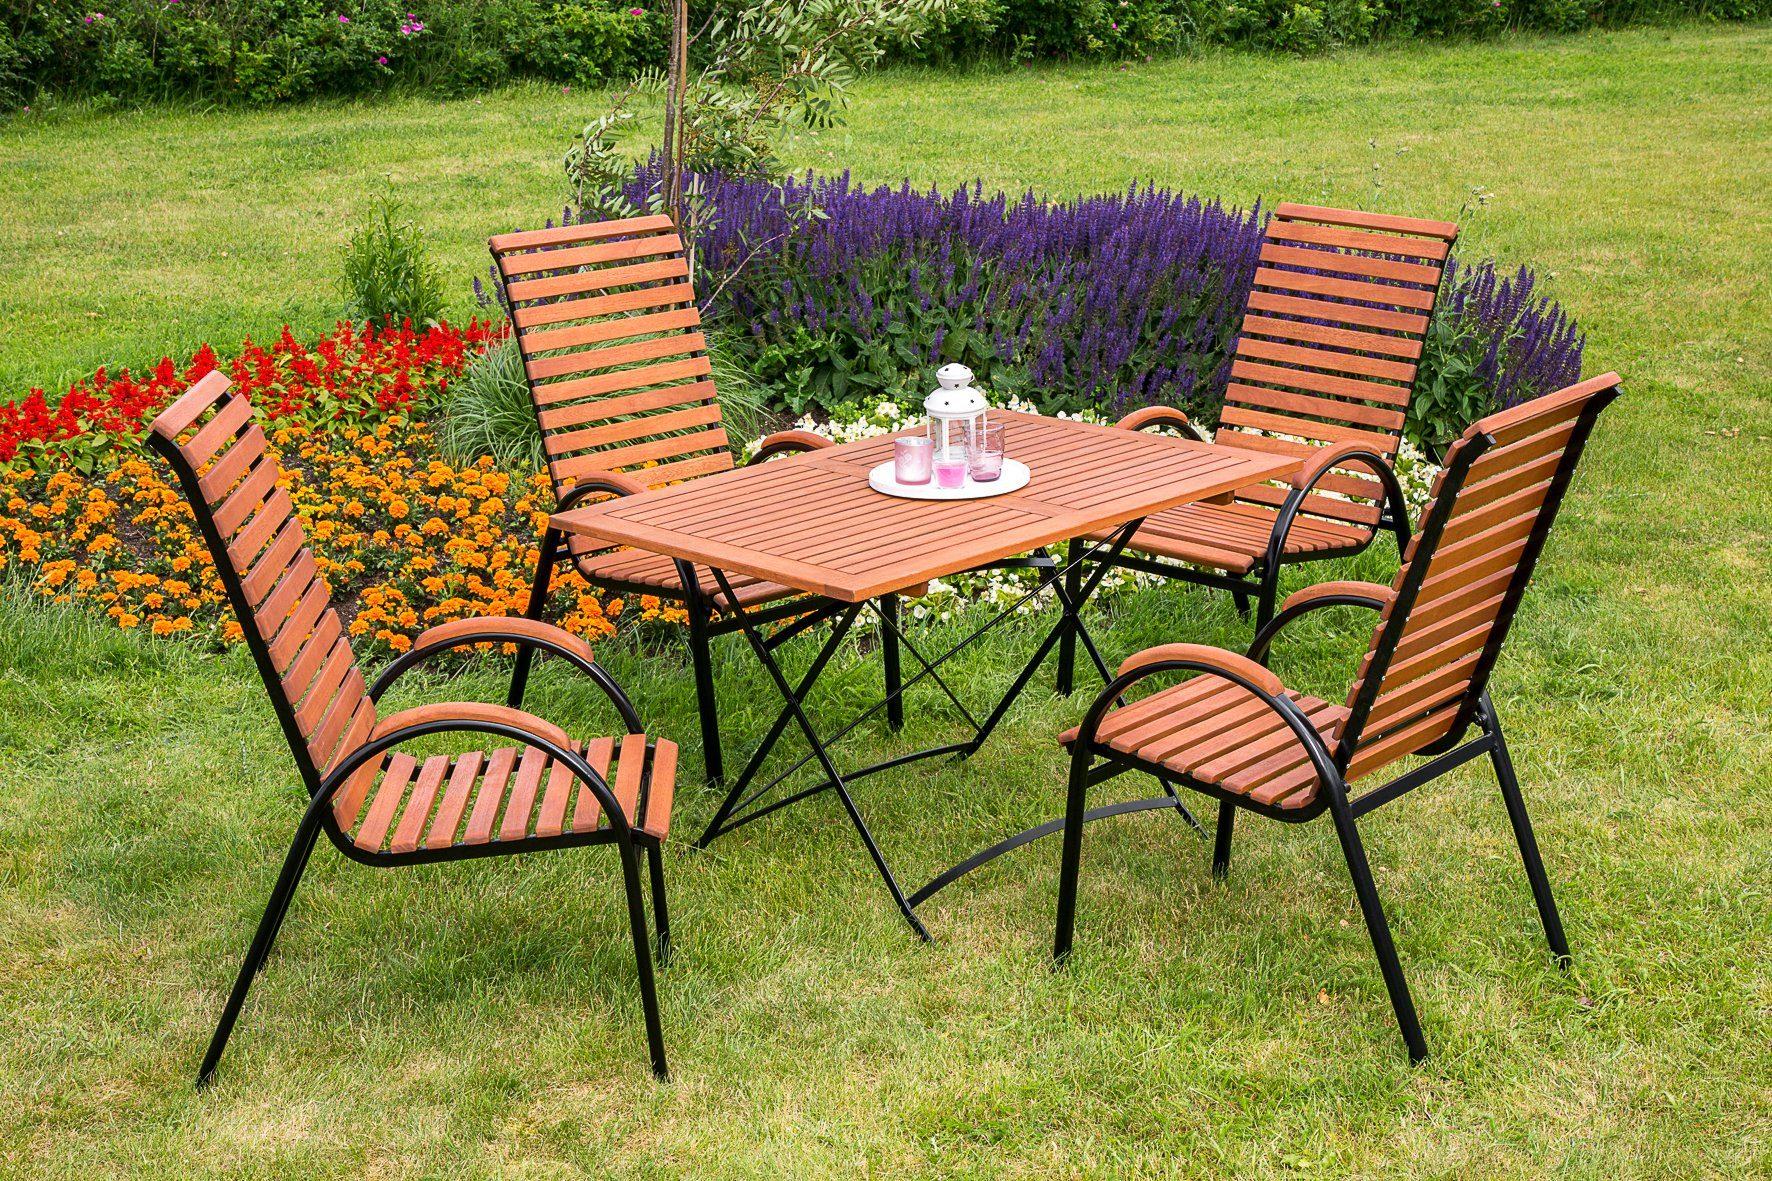 MERXX Gartenmöbelset »Schloßgarten«, 5tlg., 4 Sessel, Tisch, stapelbar, klappbar, Eukalyptus